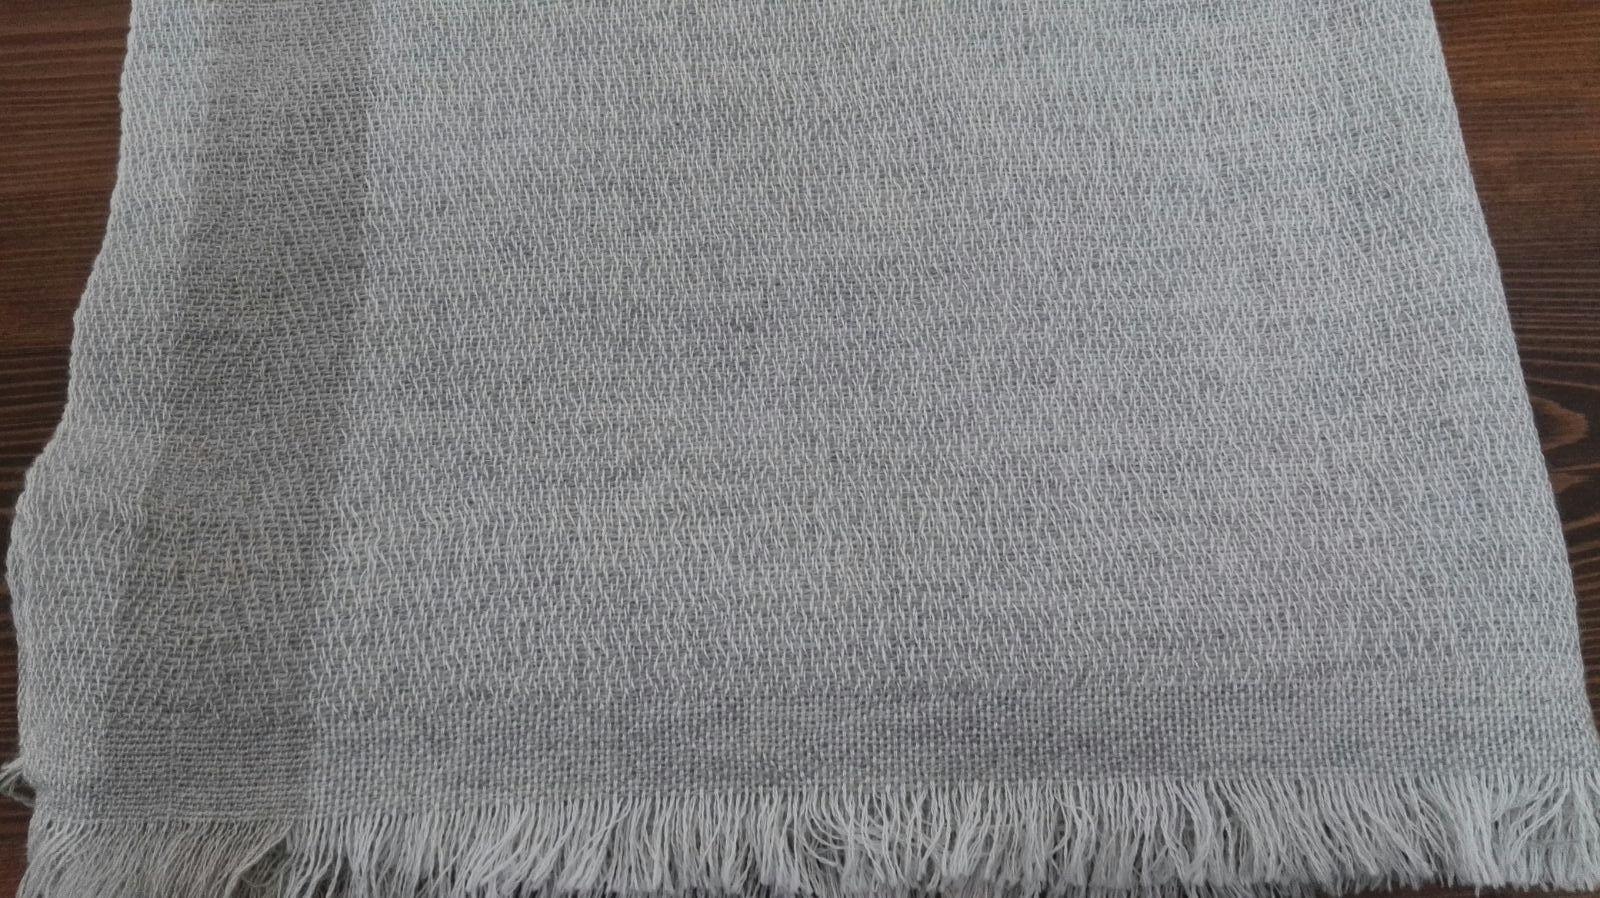 Le Costantine Tessitura Sciarpa da uomo in cachemire e seta 13.jpeg. Sciarpa  da donna in cachemire e seta - cod. 33fb781fb46